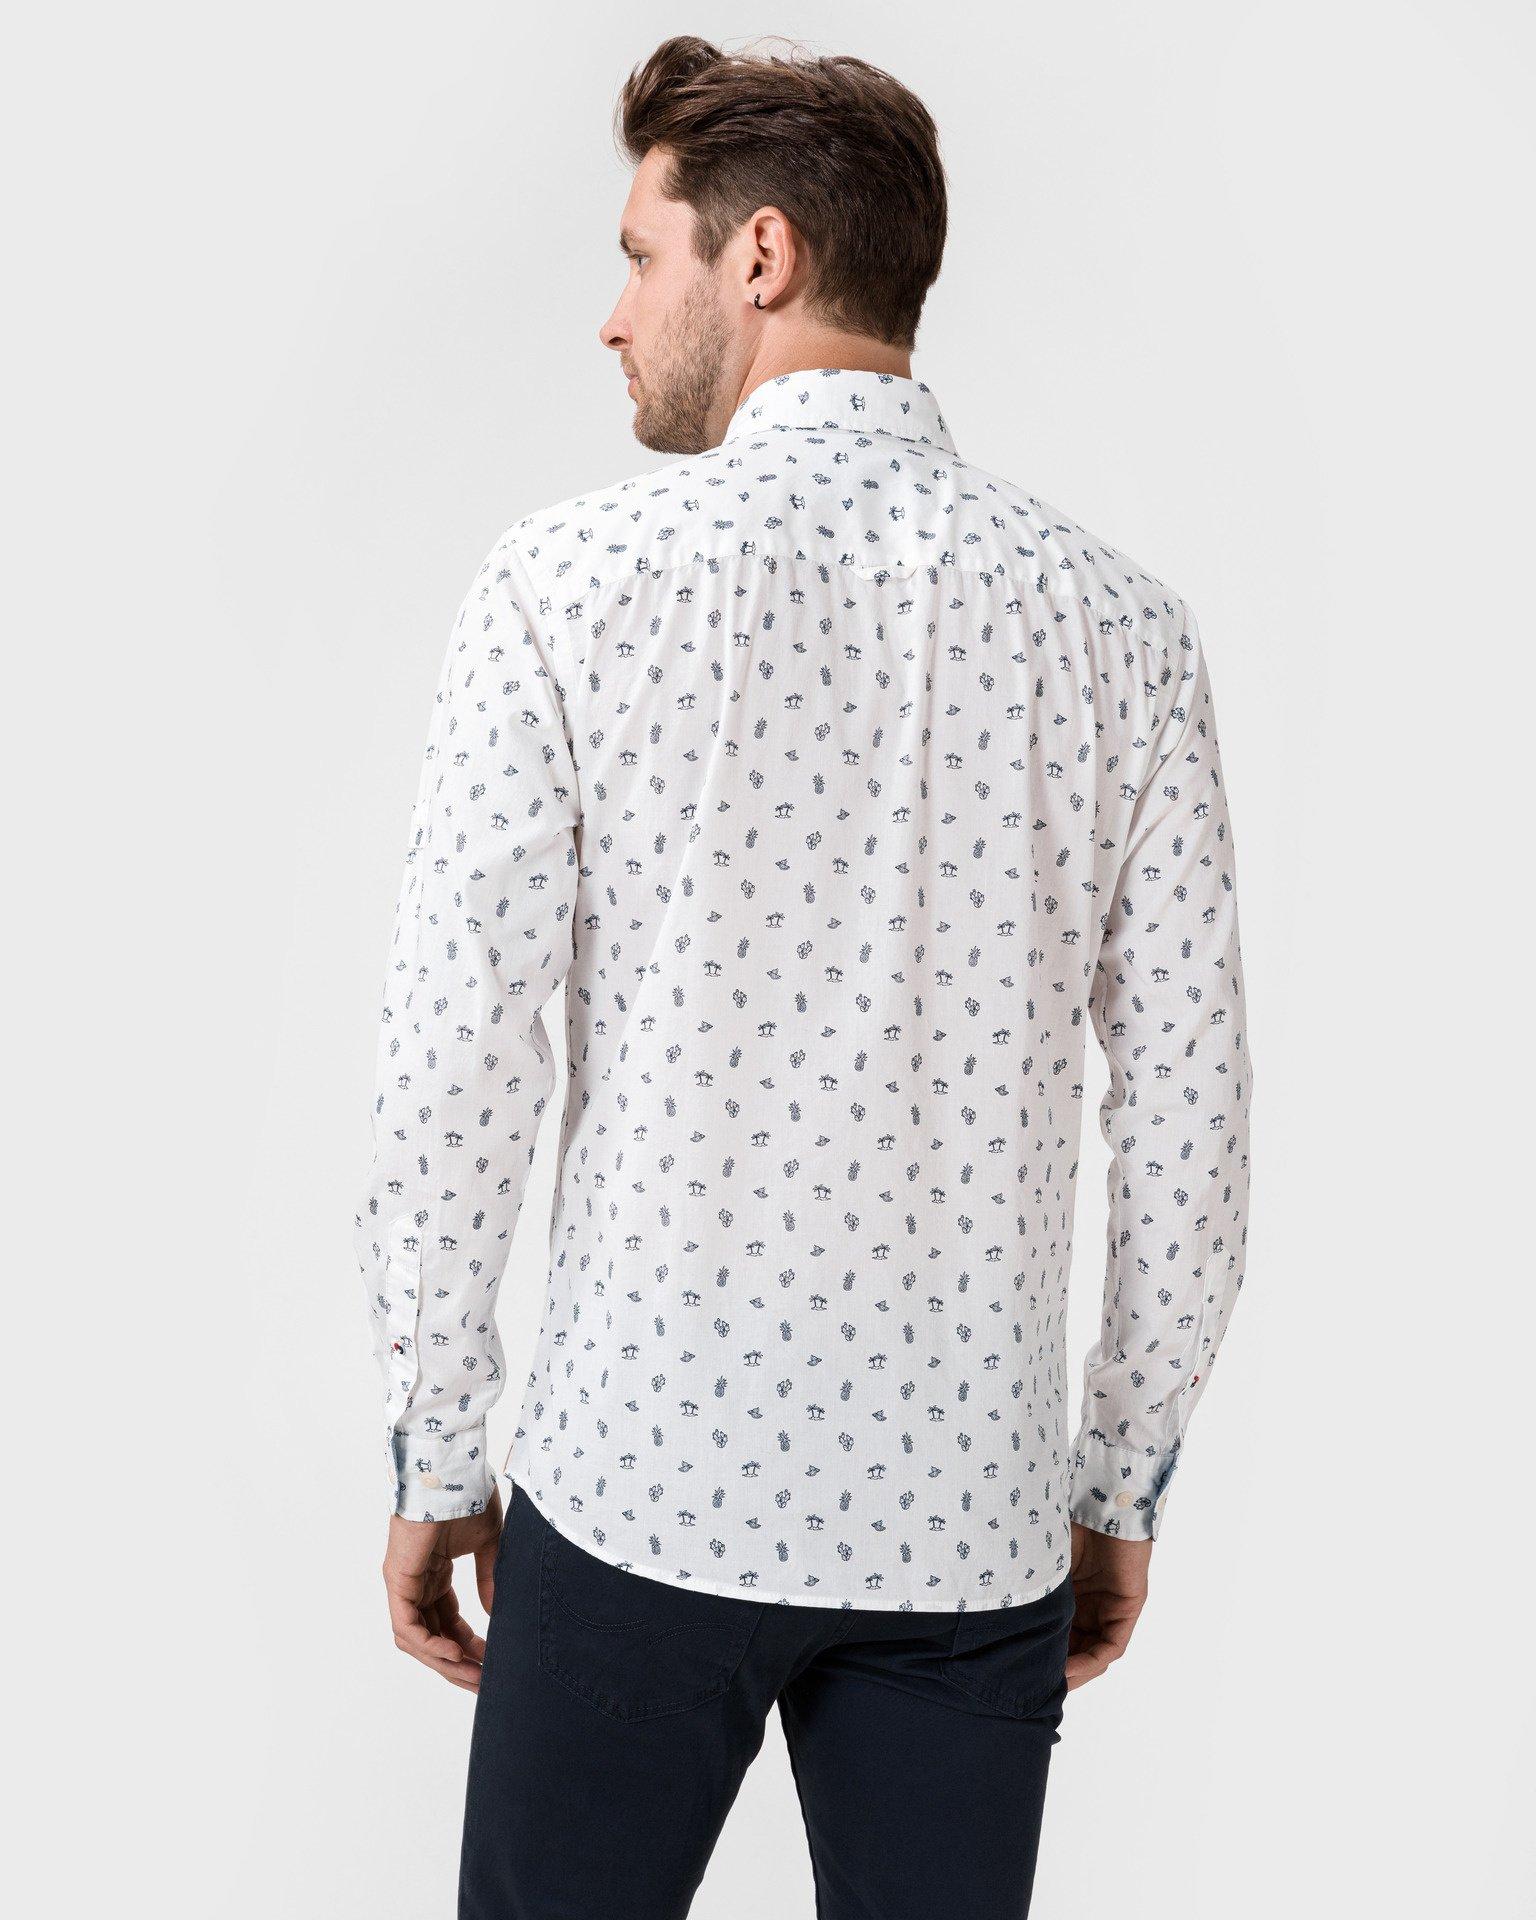 JACK & JONES chemise arnoldie-3